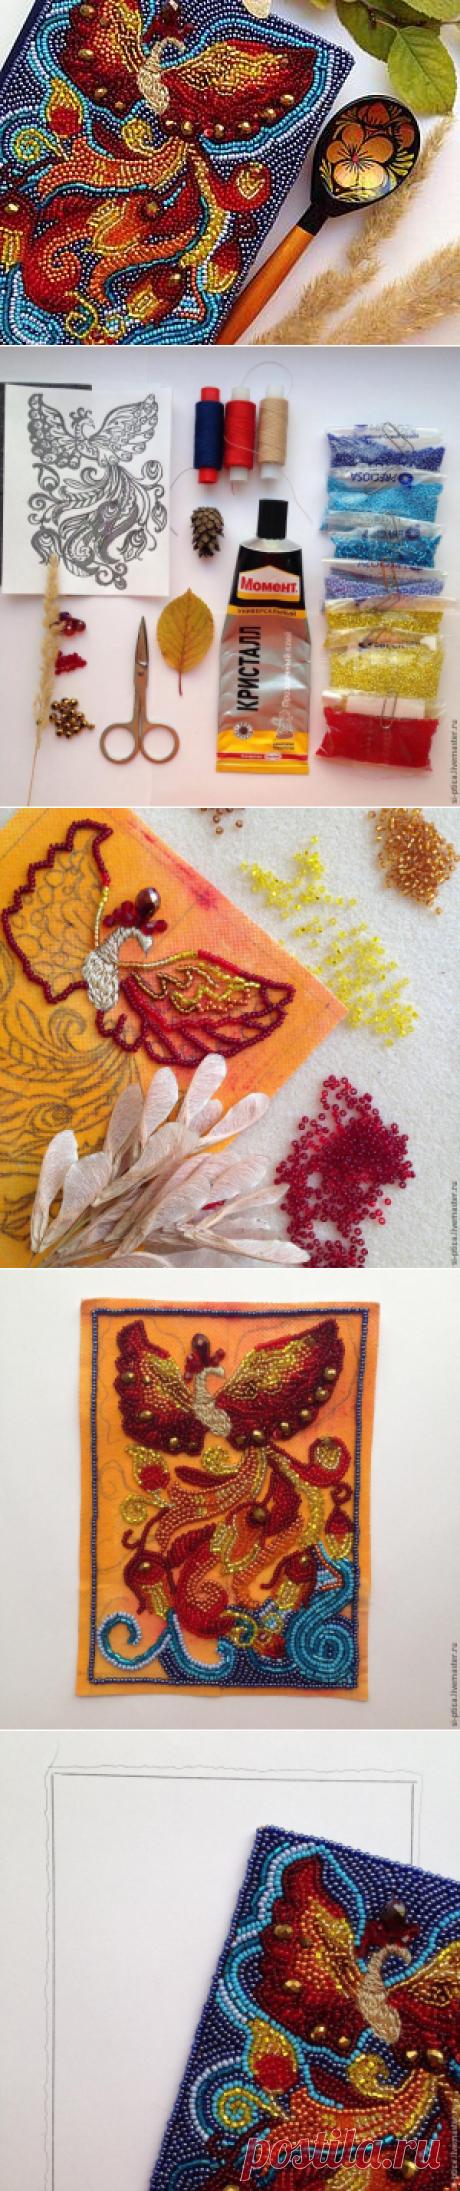 Превращаем обычный ежедневник в сказочный: украшаем блокнот вышивкой Жар-Птицы - Ярмарка Мастеров - ручная работа, handmade